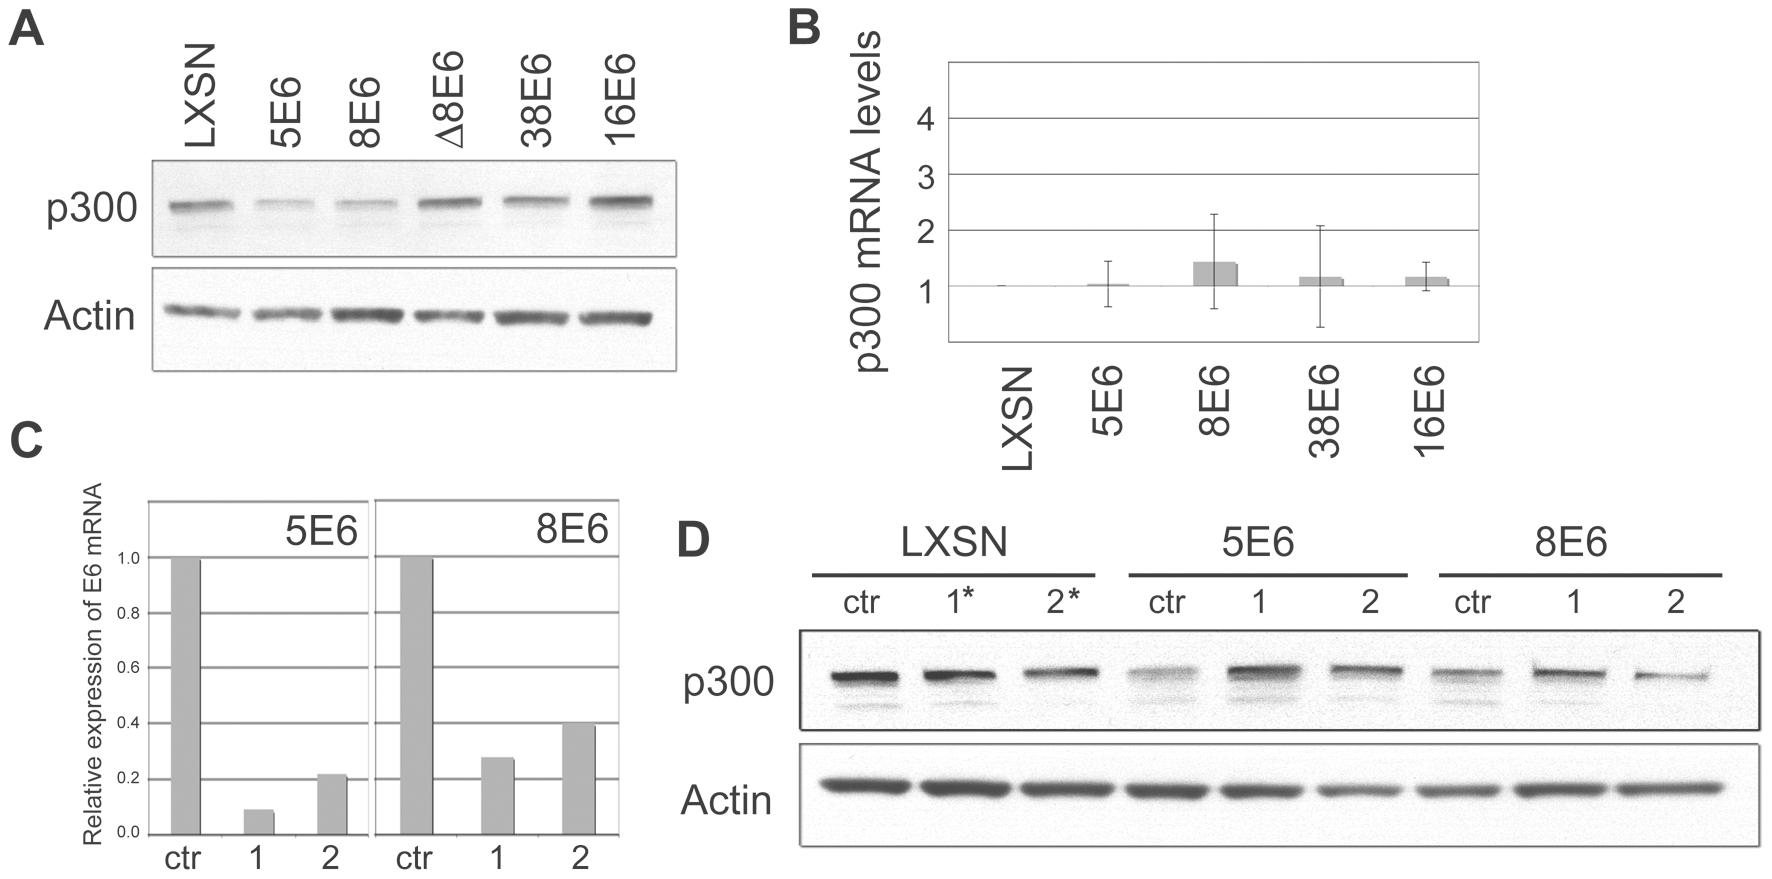 β HPV 5 and 8E6 binding to p300 leads to p300 degradation.